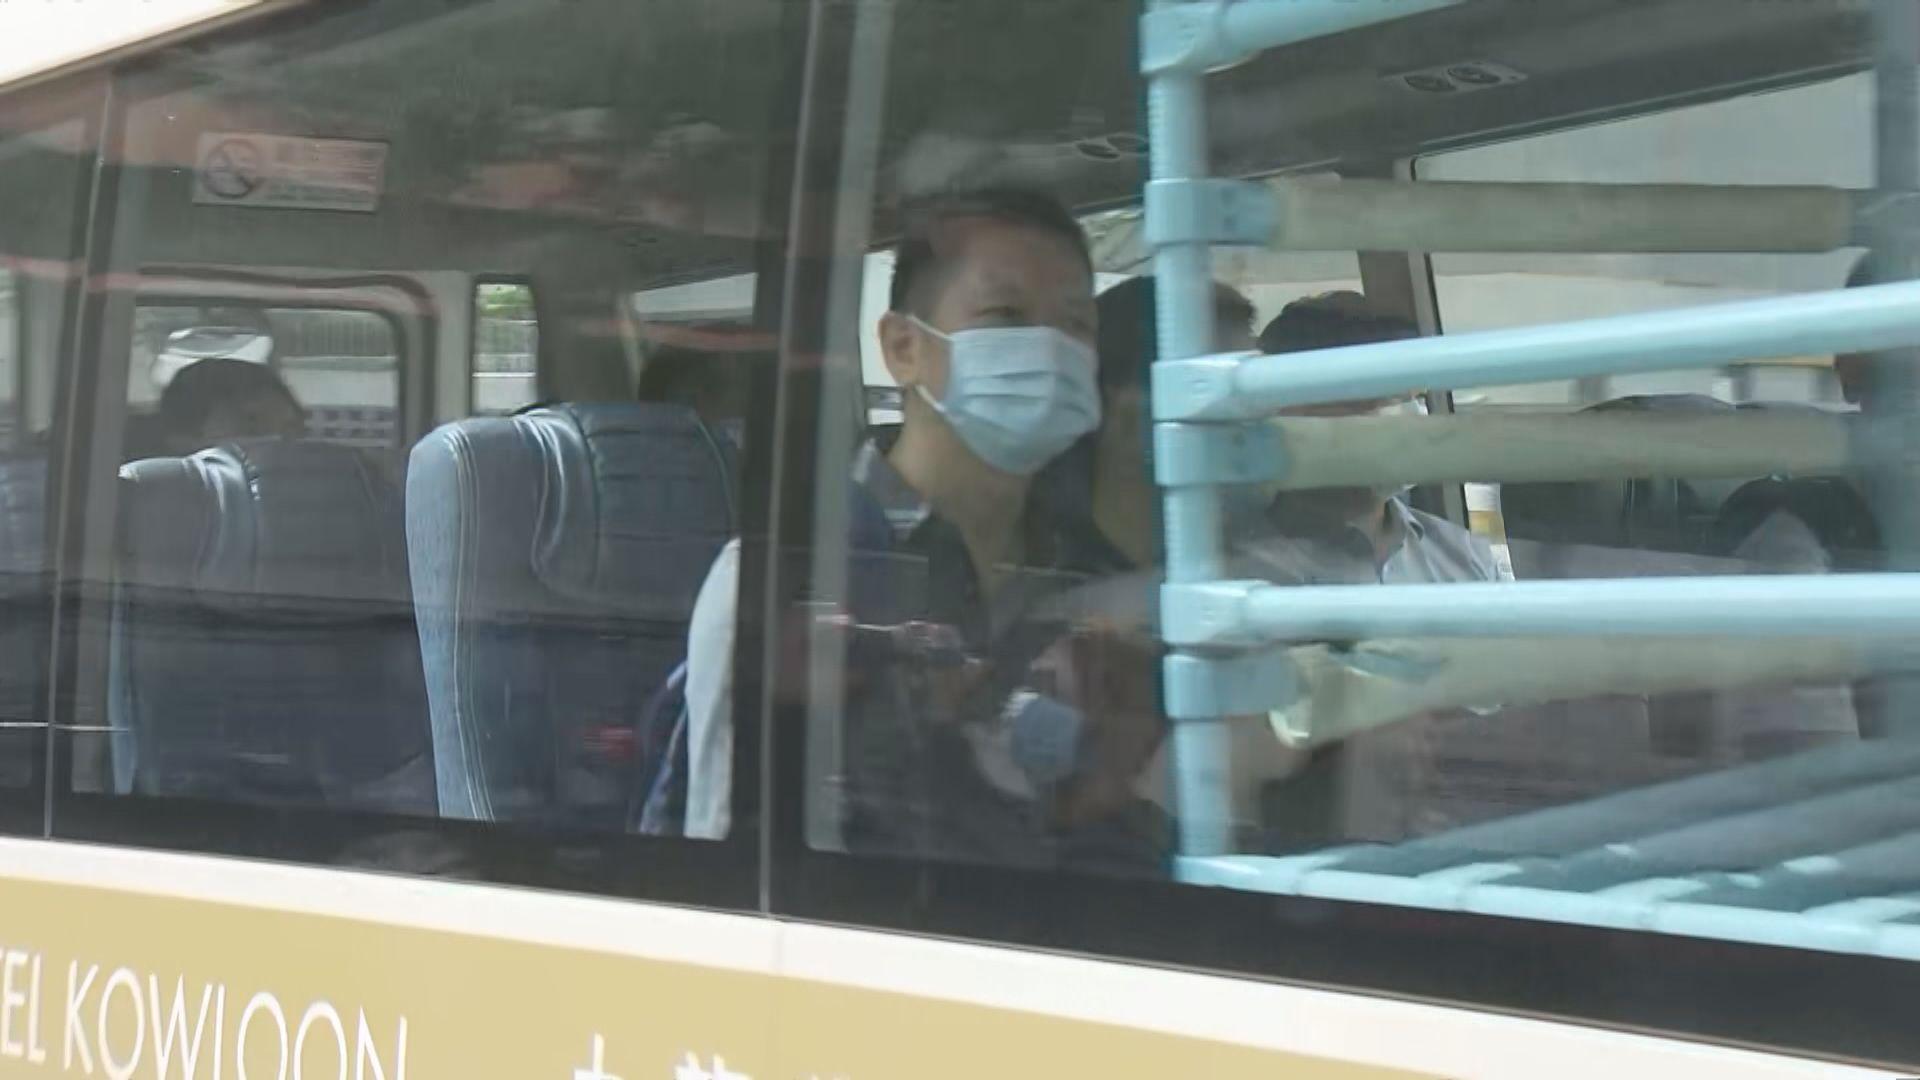 內地核酸檢測支援隊先遣隊員到華昇診斷中心視察